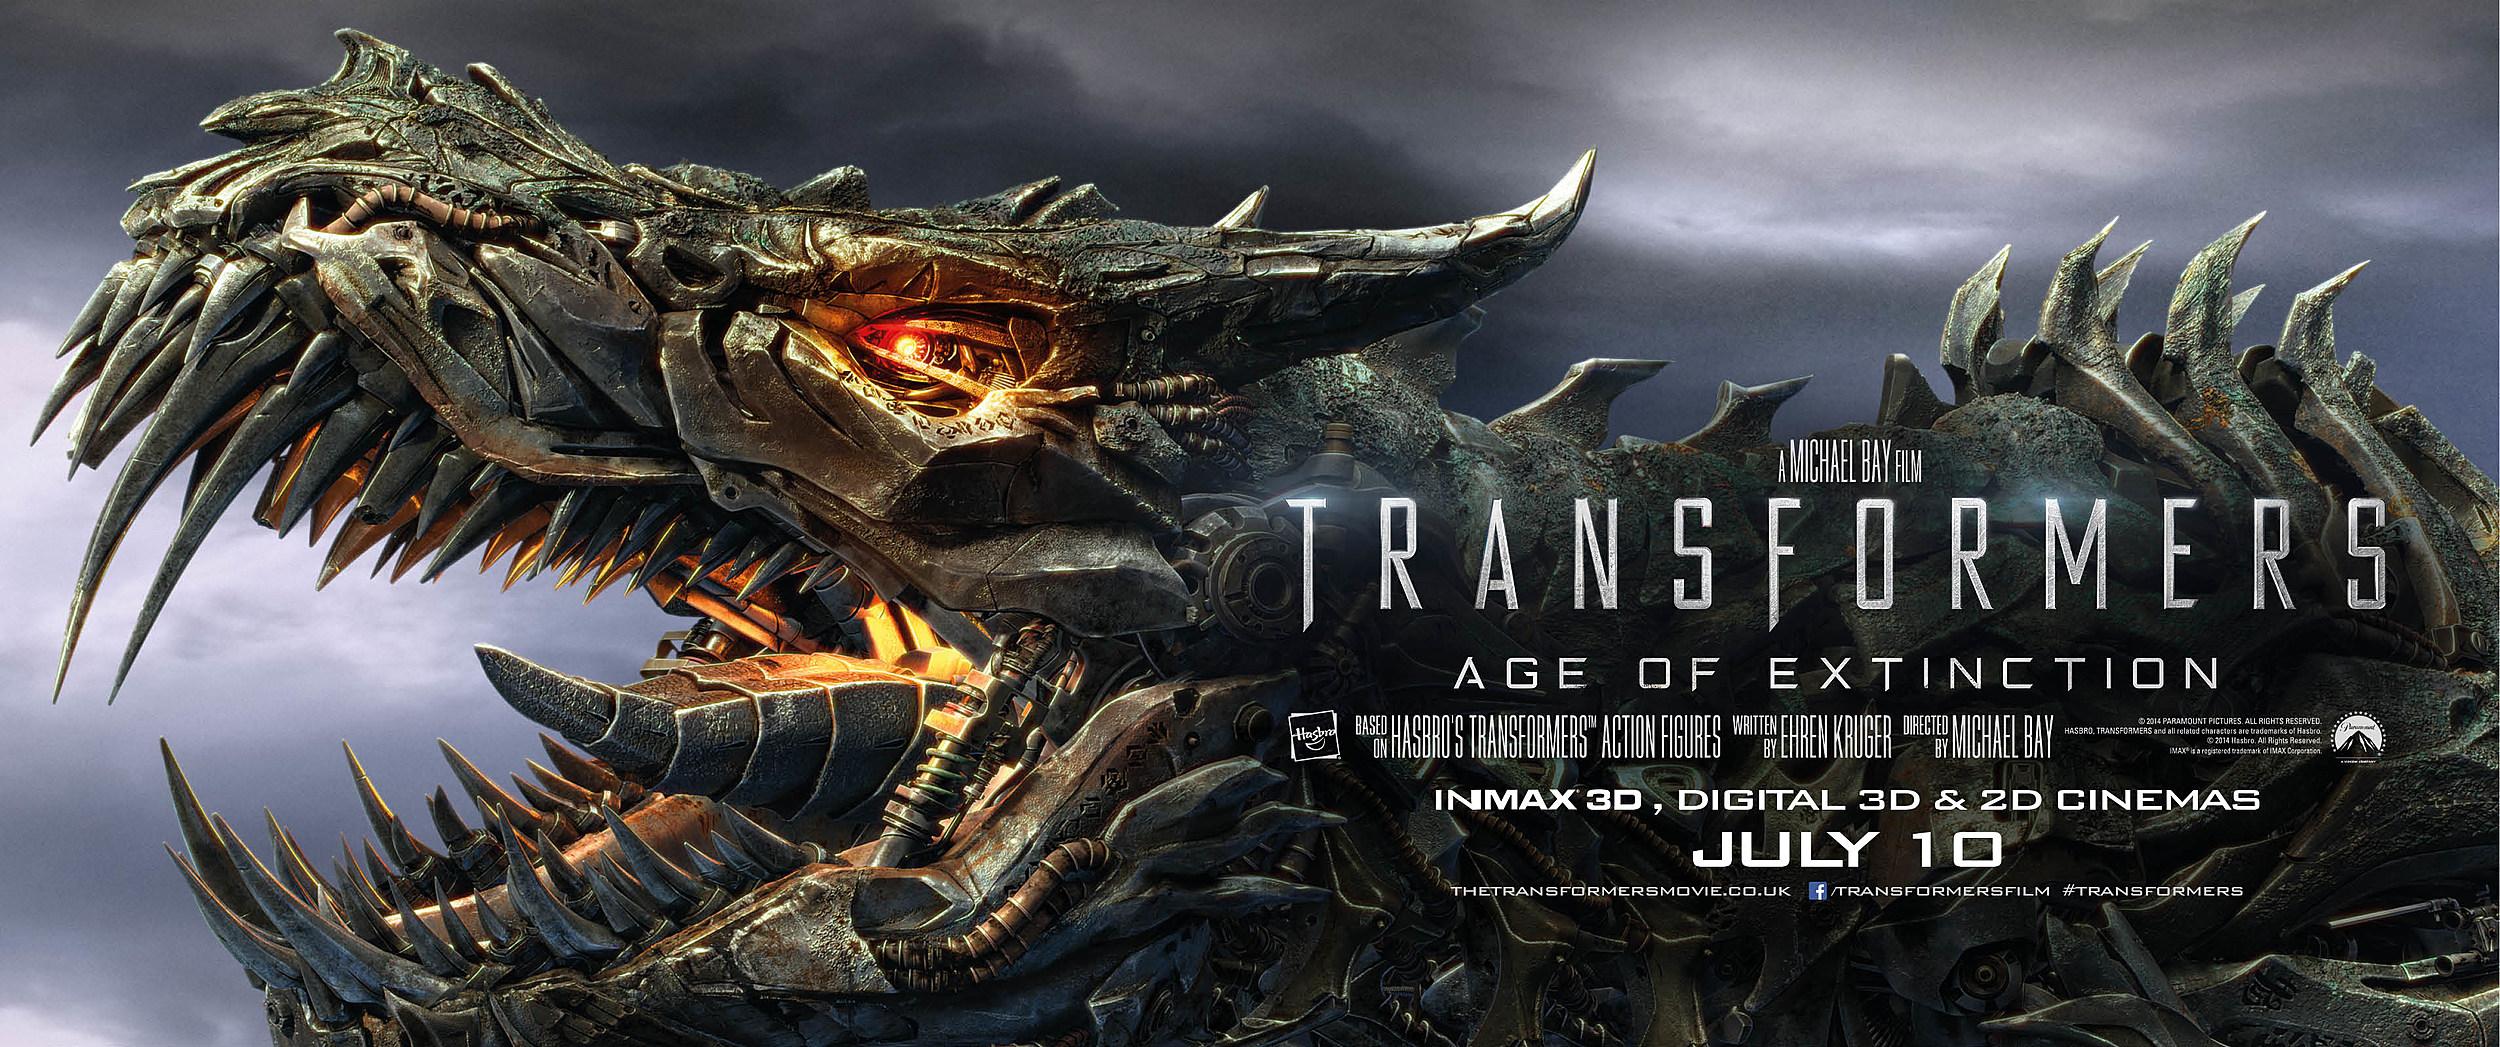 Transformers 4 Banner Grimlock